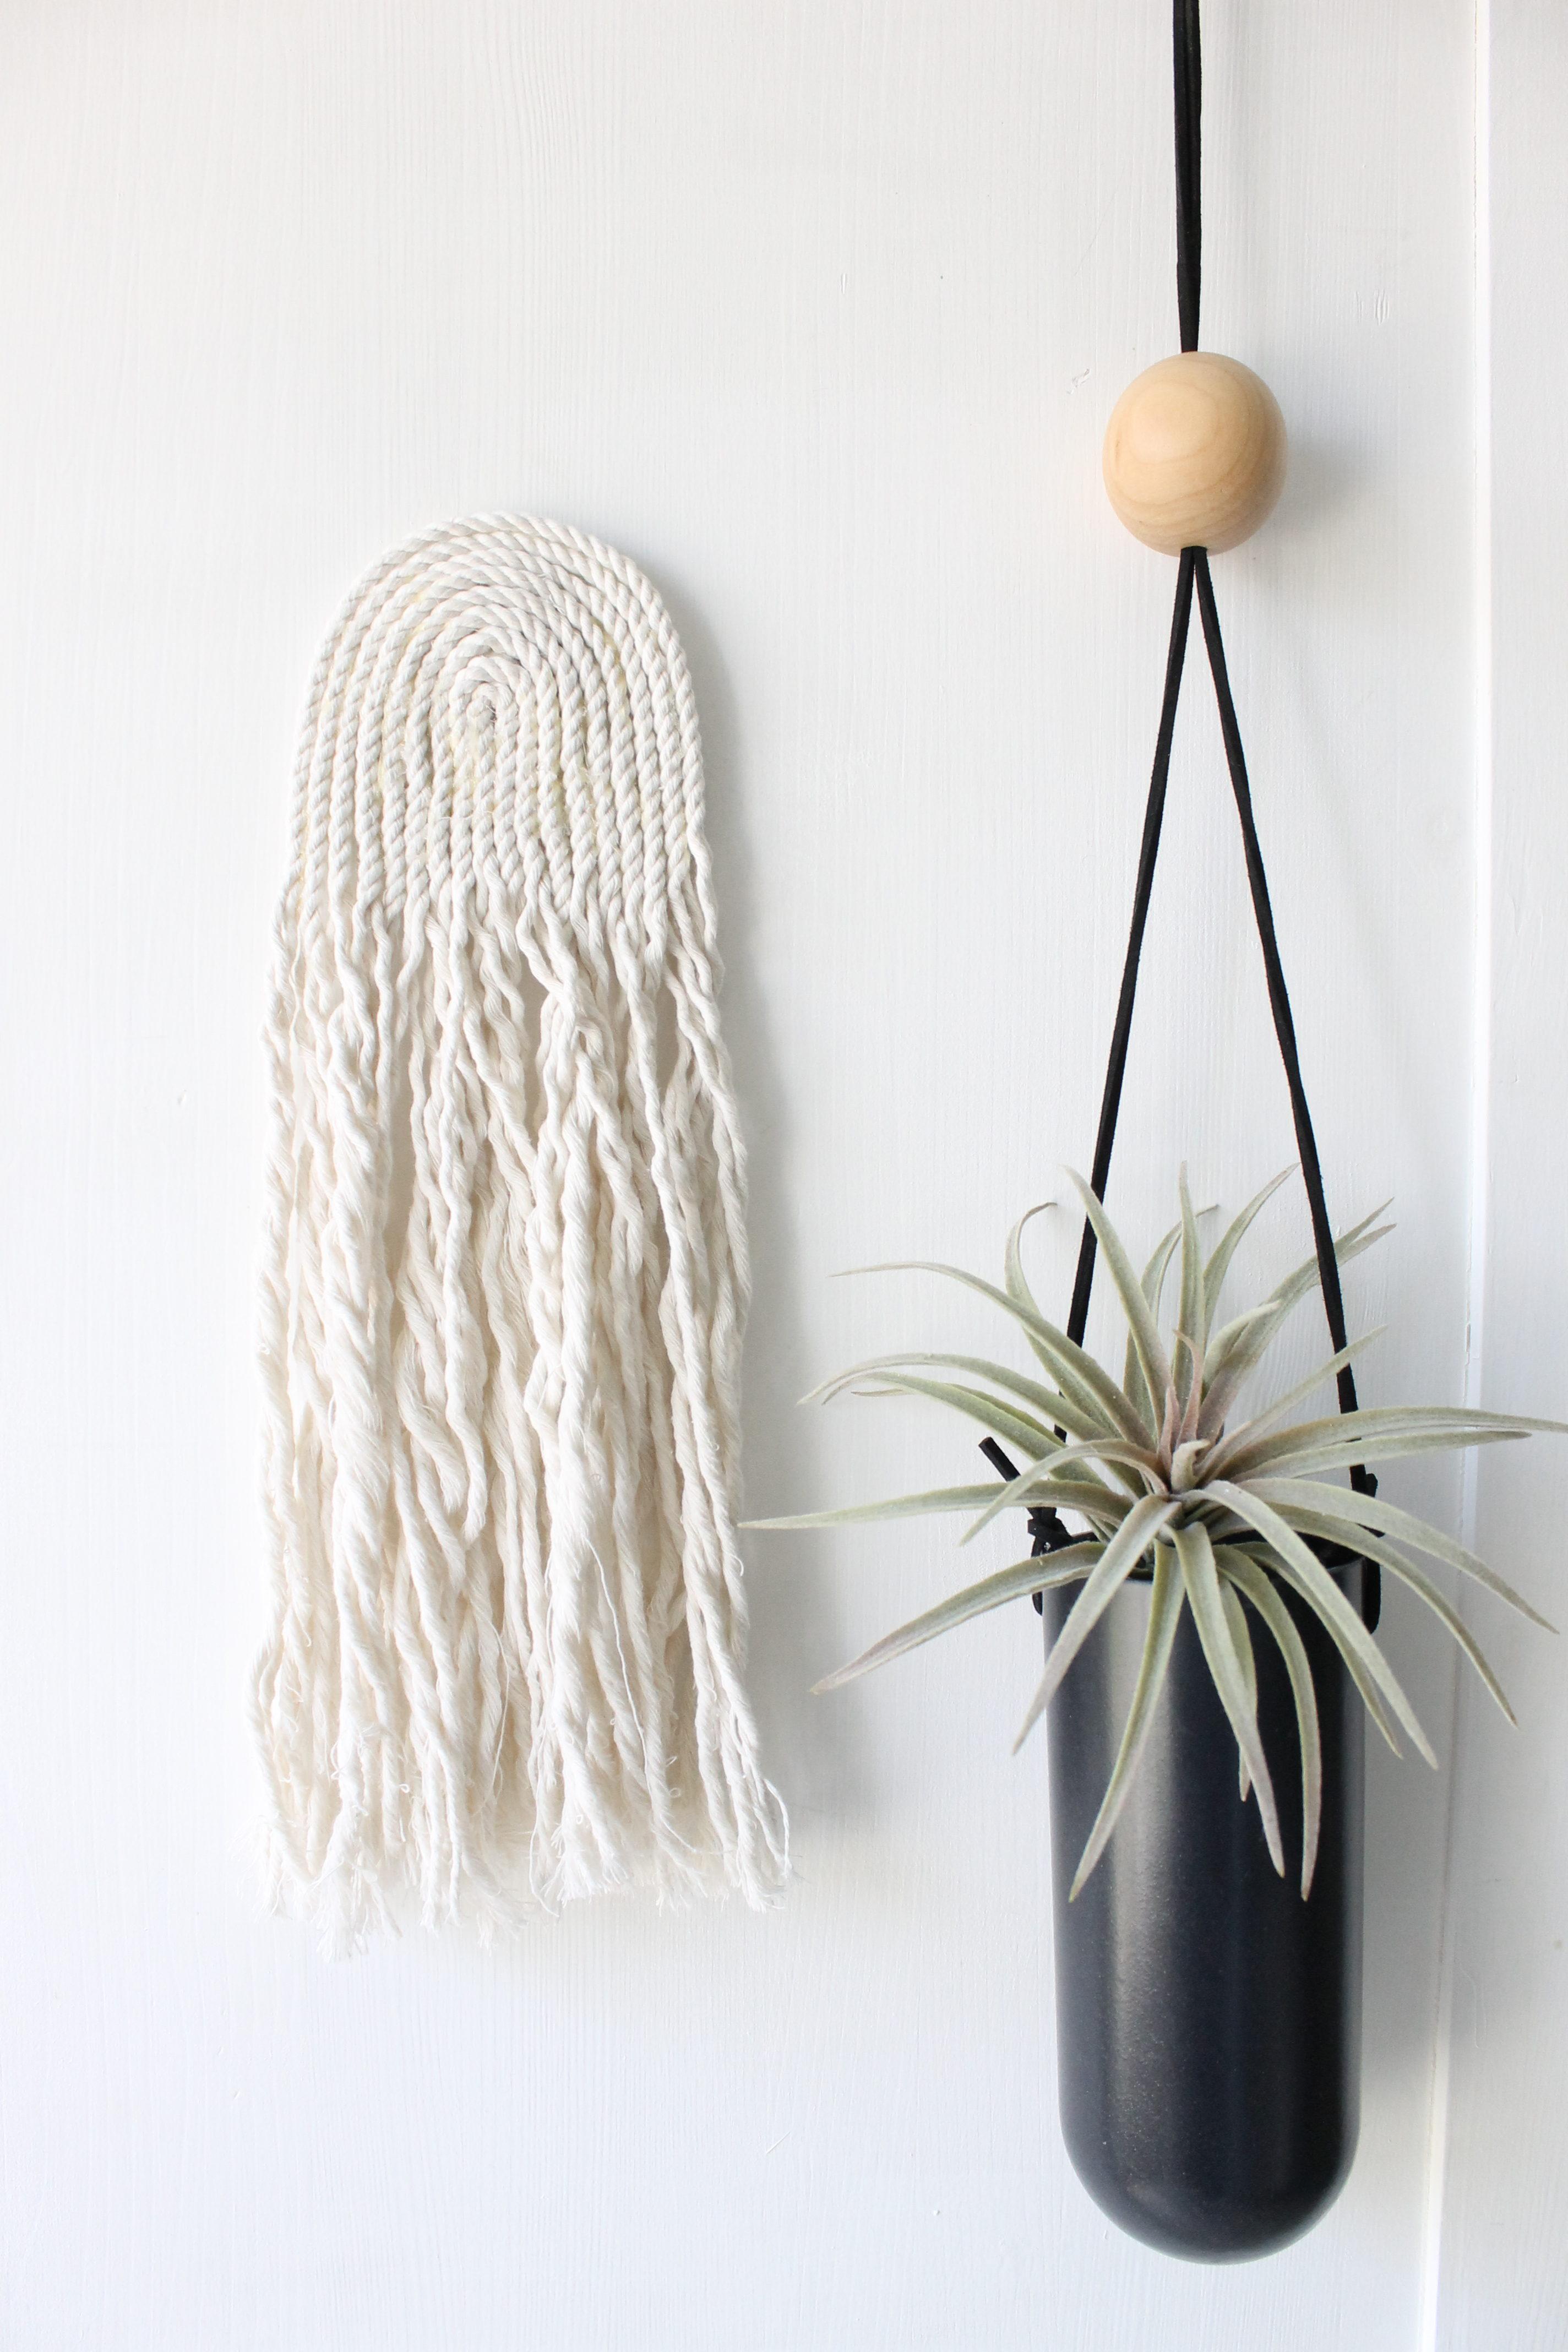 #קשת מנימליסטית | DIY | לימור אורן עיצוב והלבשת הבית